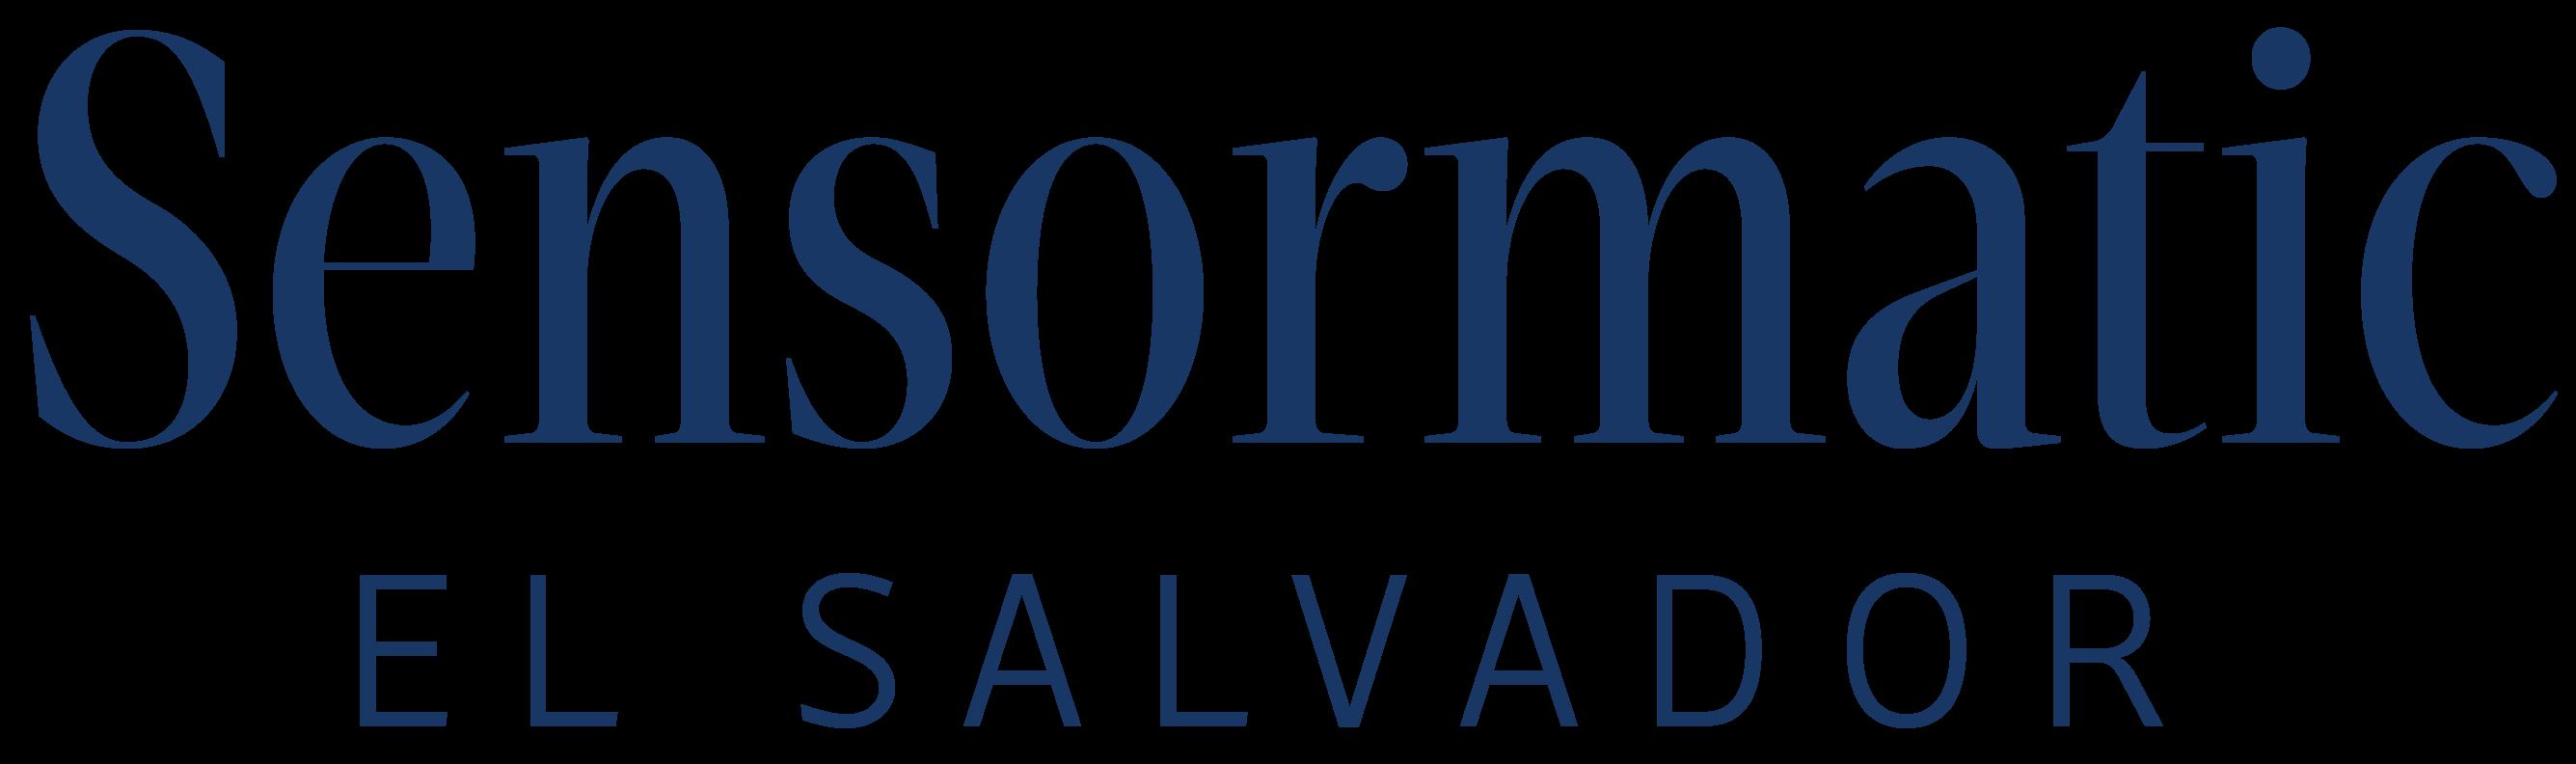 Sensormatic de El Salvador